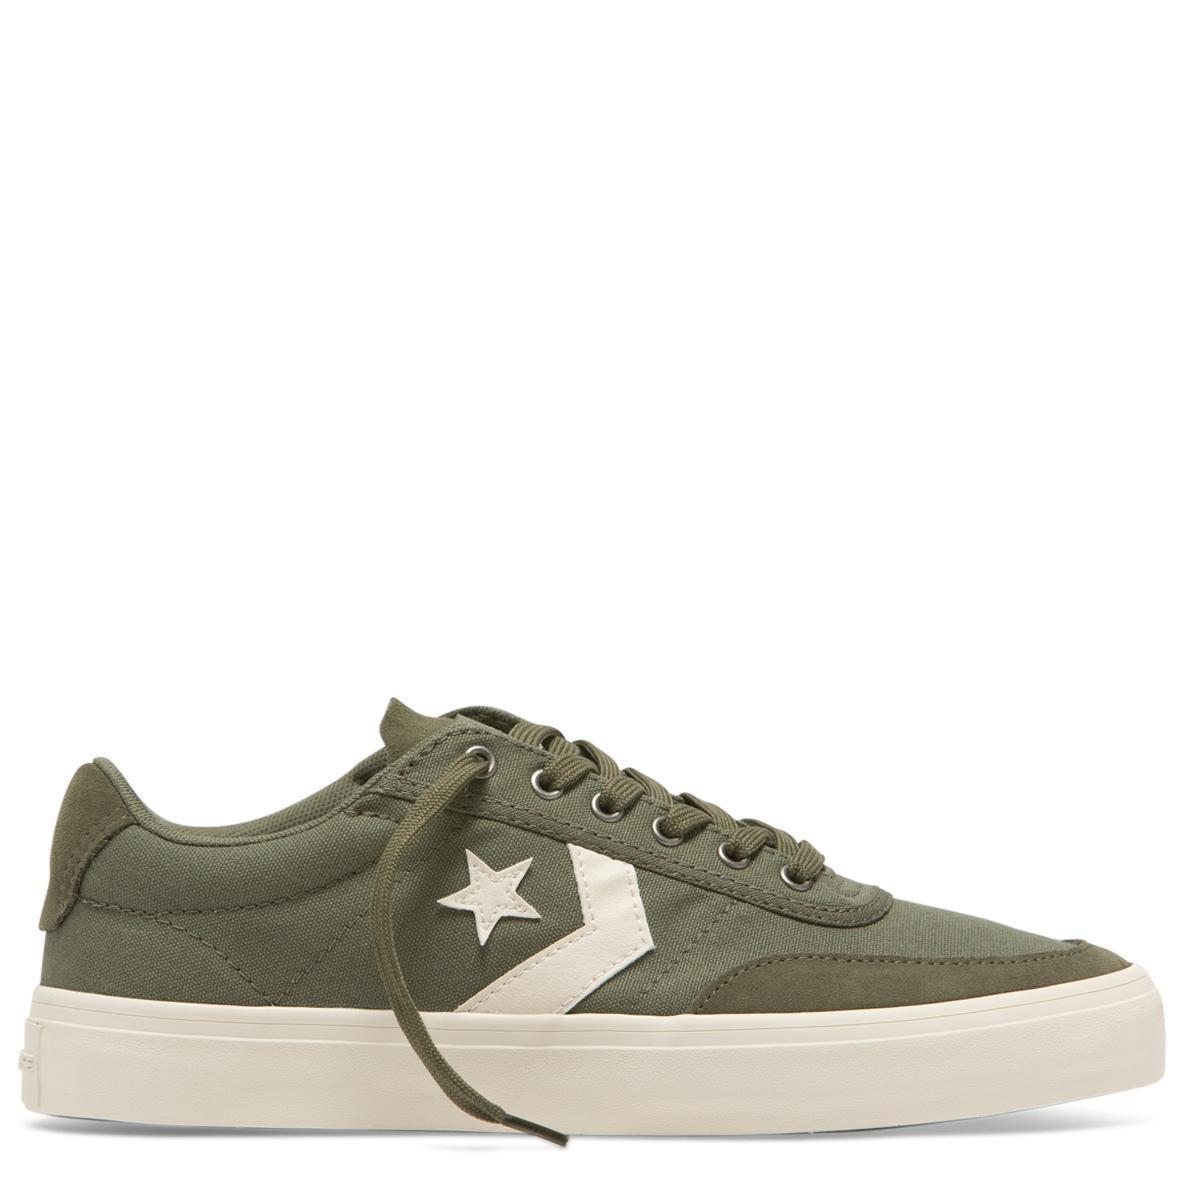 Converse Courtlandt Chino Low Top Sepatu Pria - Hijau Tua 72c985fd00